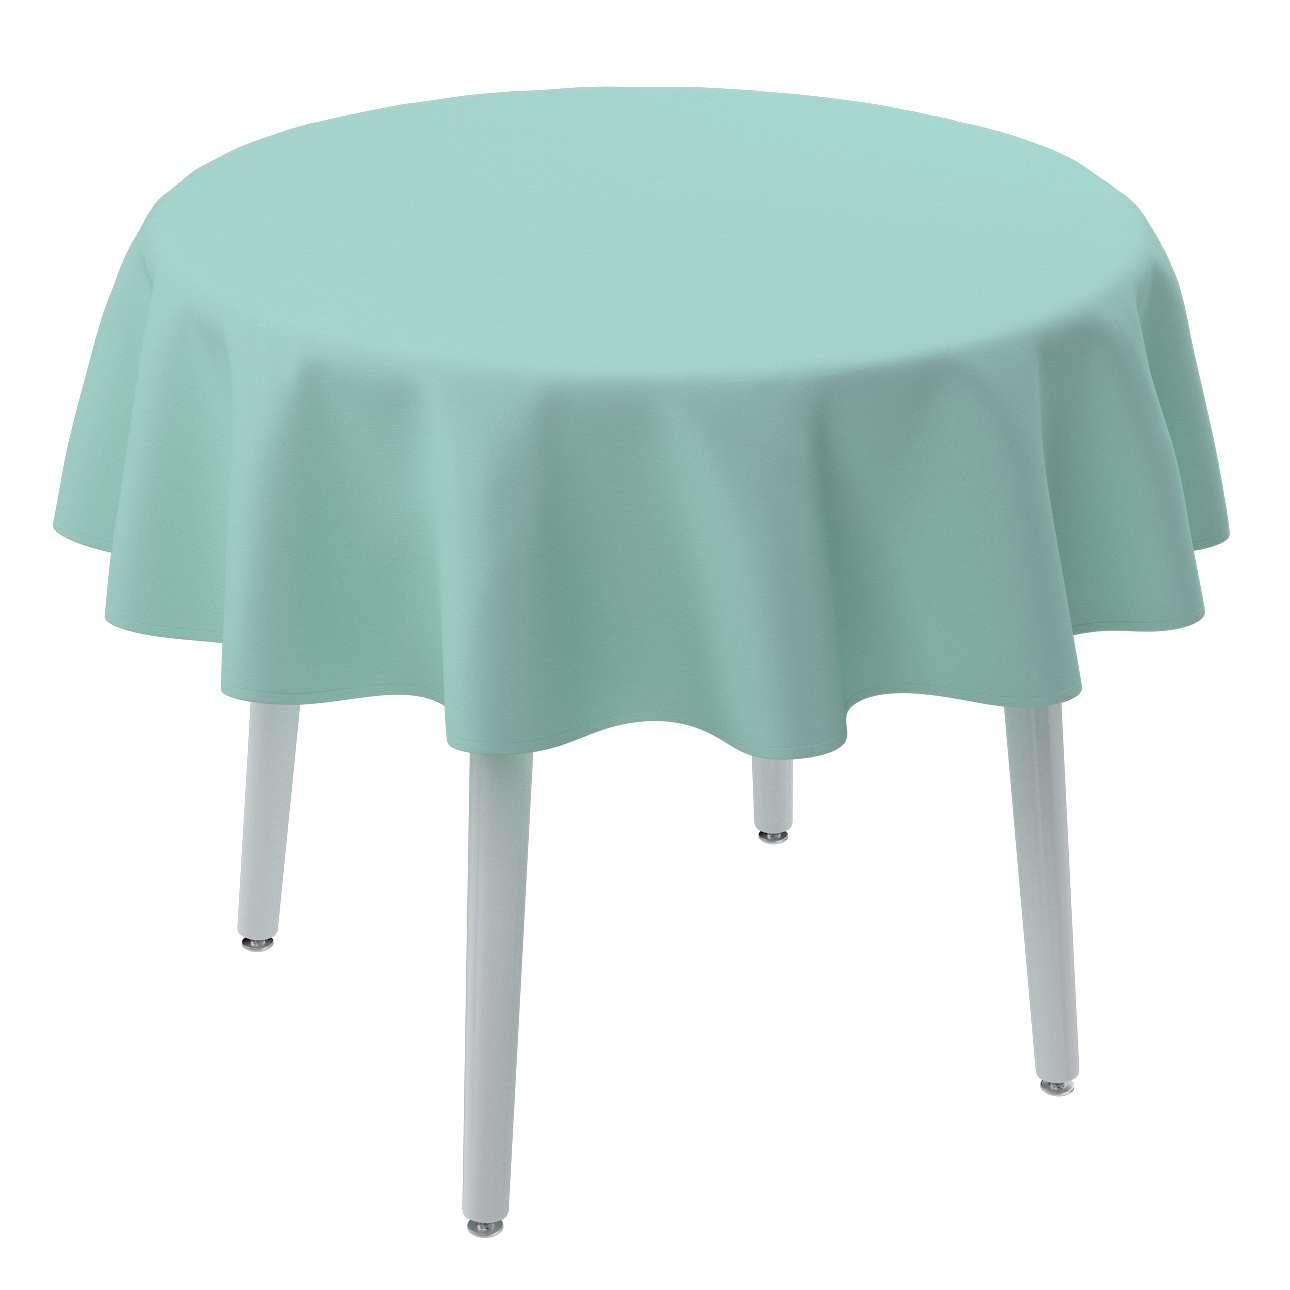 Runde Tischdecke von der Kollektion Loneta, Stoff: 133-32